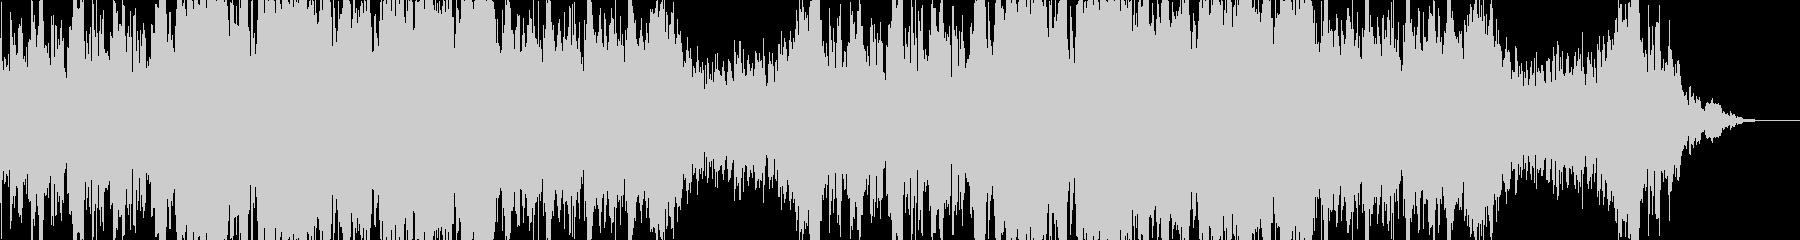 壮大で白熱な音色のオーケストラソングの未再生の波形